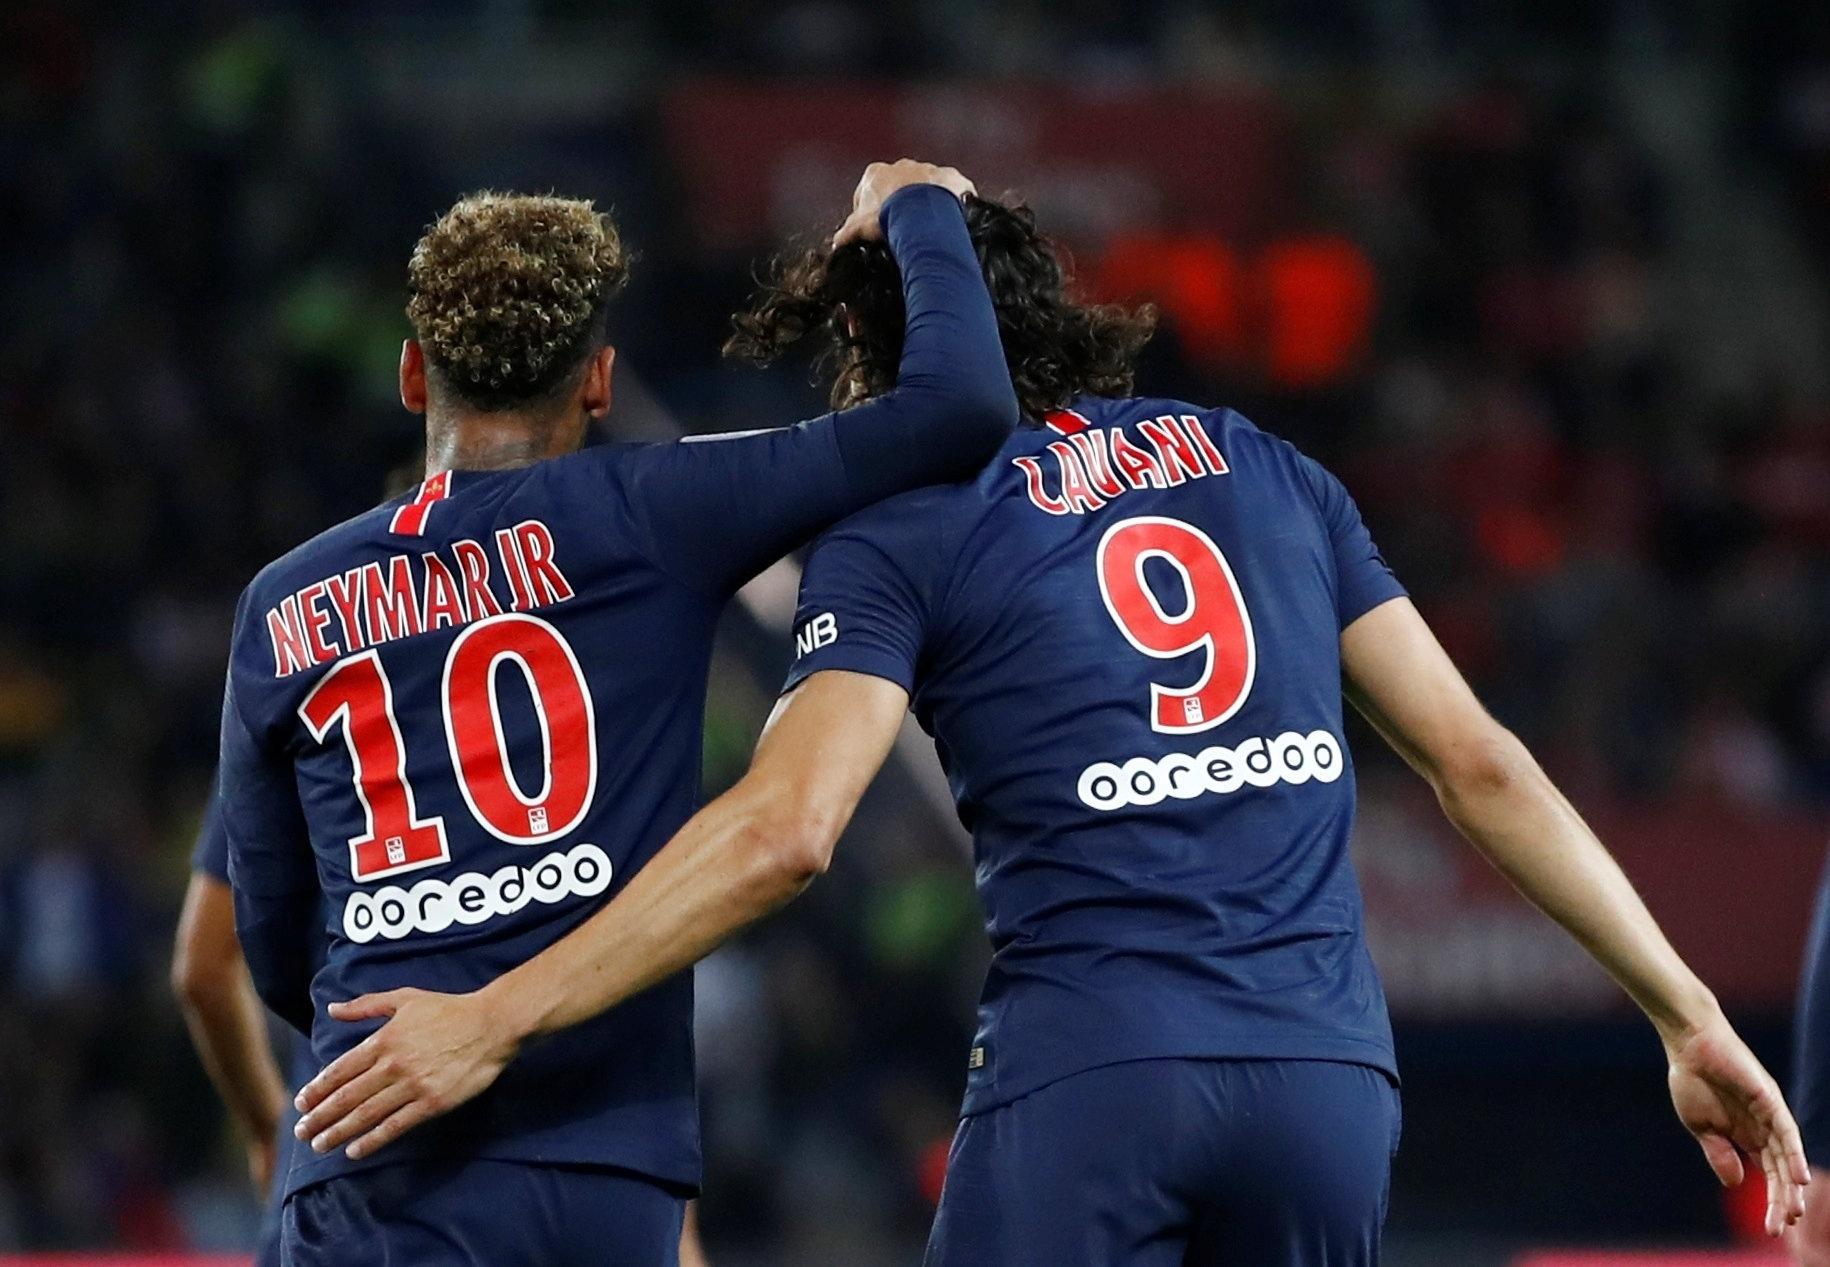 9811f77616 Neymar desequilibra e comanda virada do PSG junto com Cavani - 26 09 2018 -  UOL Esporte